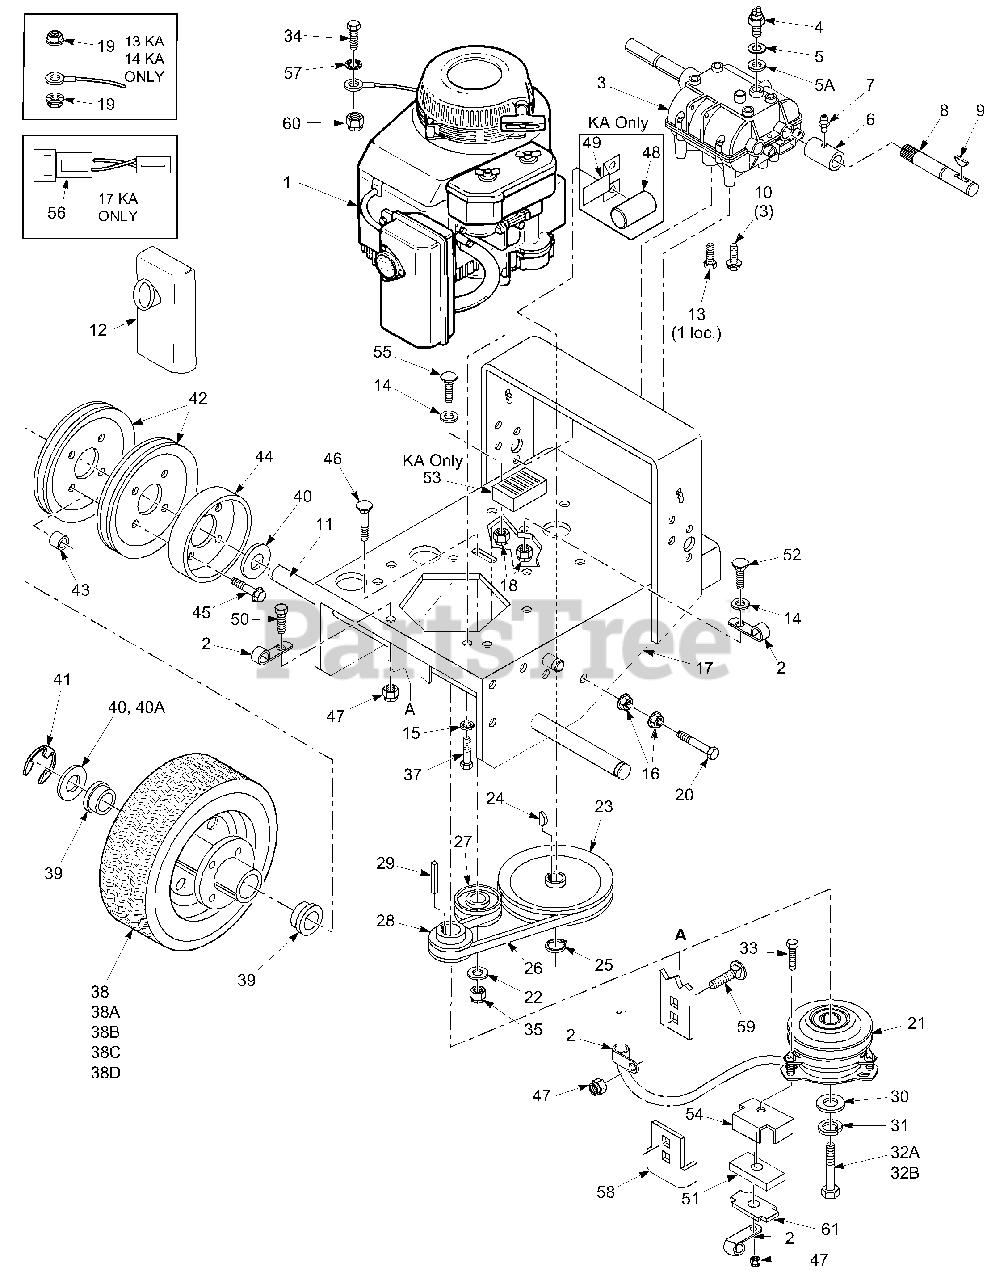 Scag Sw36a 13kh Scag 36 Walk Behind Mower 13hp Kohler Sn 7080001 7089999 Engine Deck Parts Lookup With Diagrams Partstree